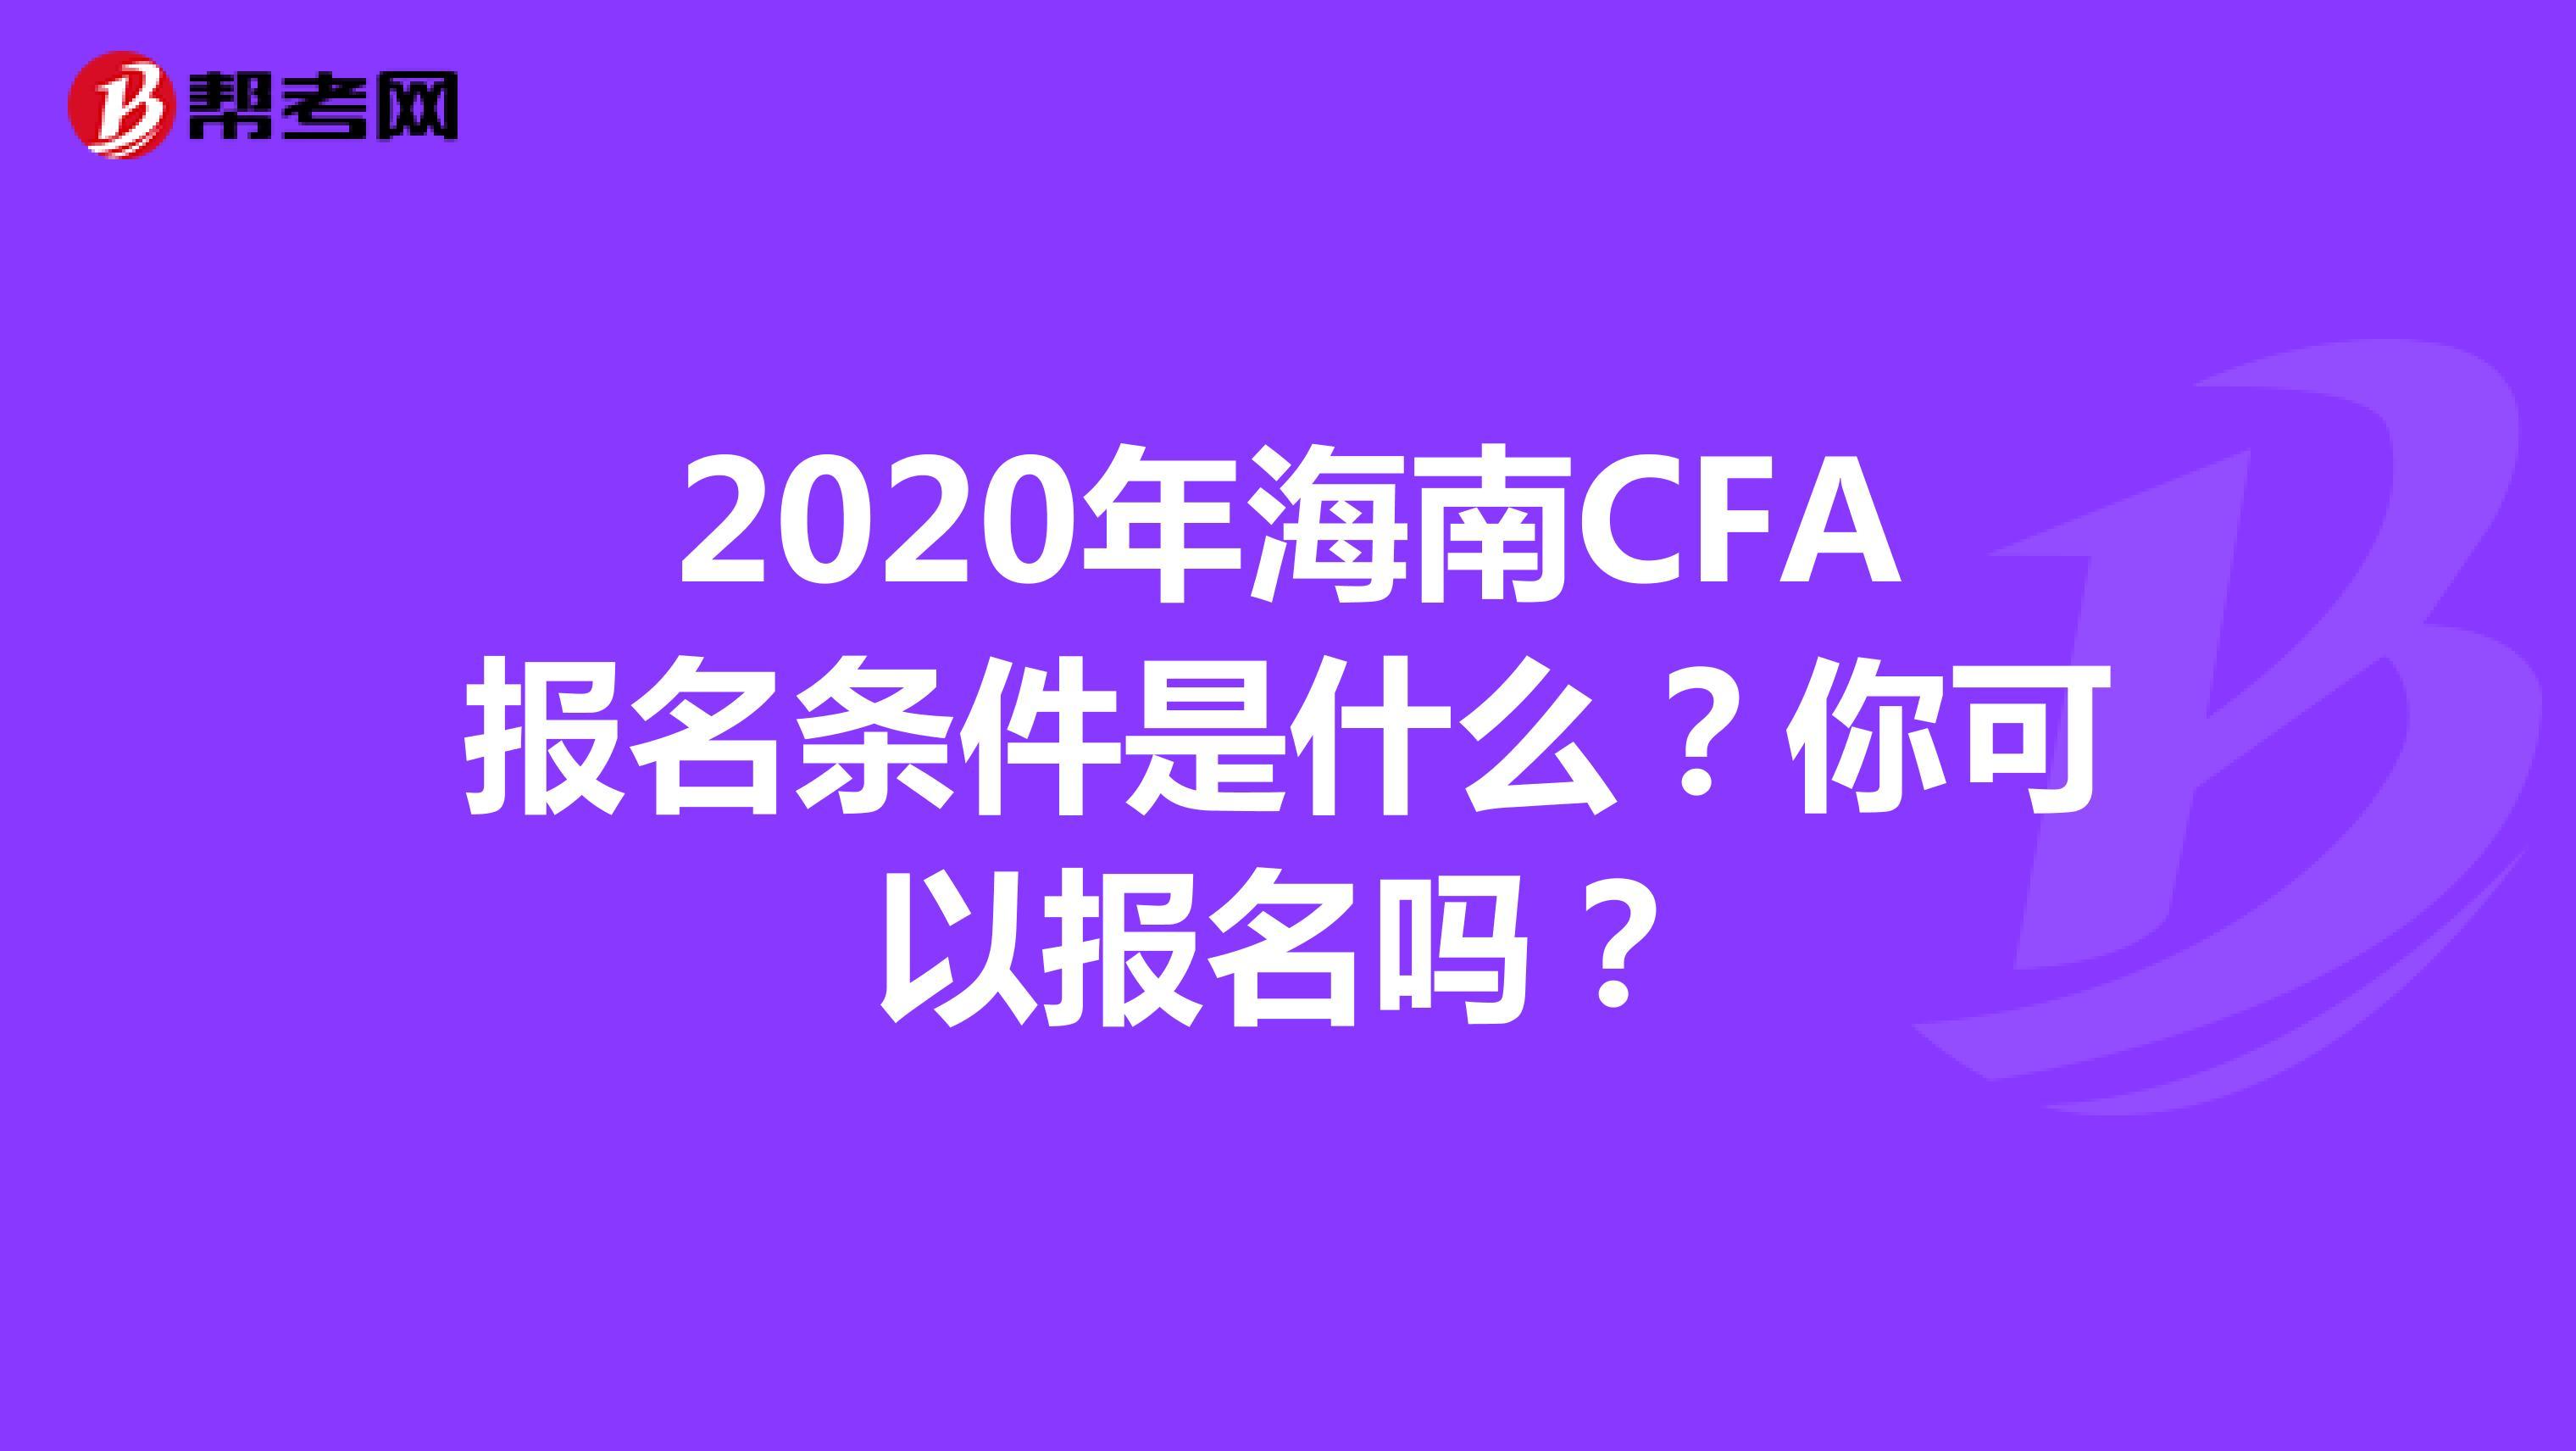 2020年海南CFA报名条件是什么?你可以报名吗?